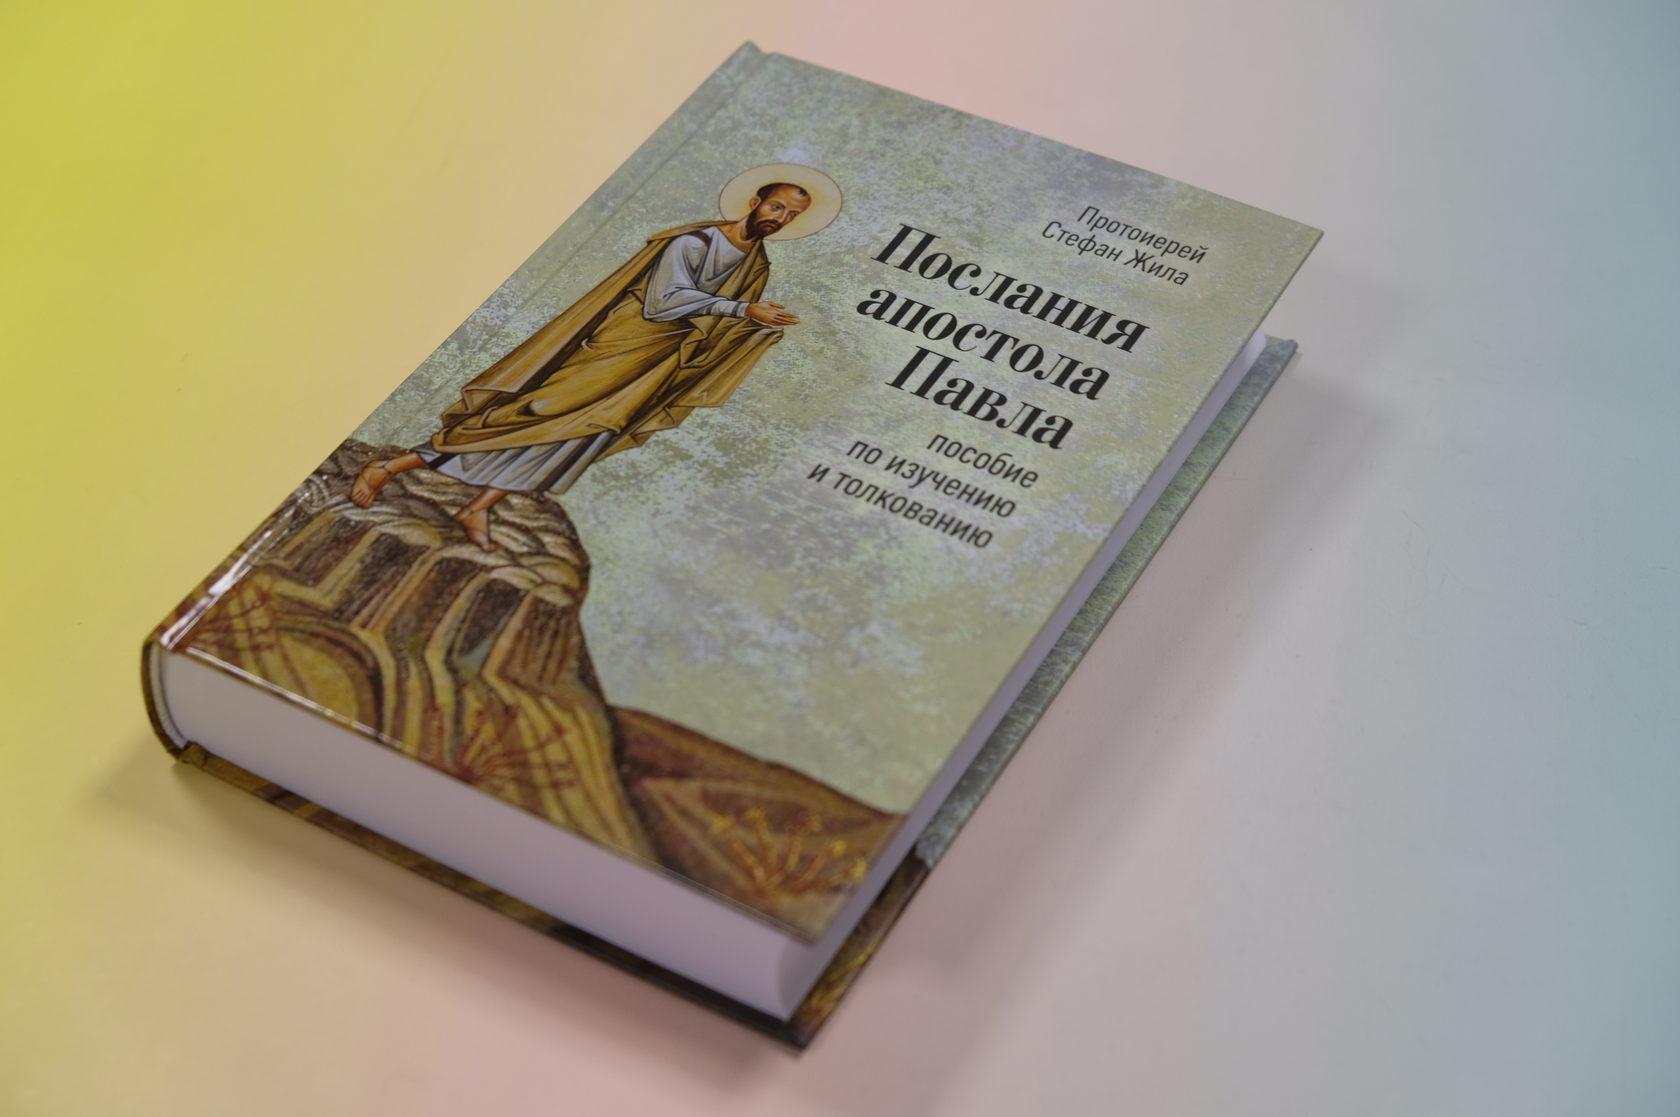 Купить книгу Протоиерей Стефан Жила «Послания апостола Павла: пособие по изучению и толкованию» 978-5-7533-1495-6